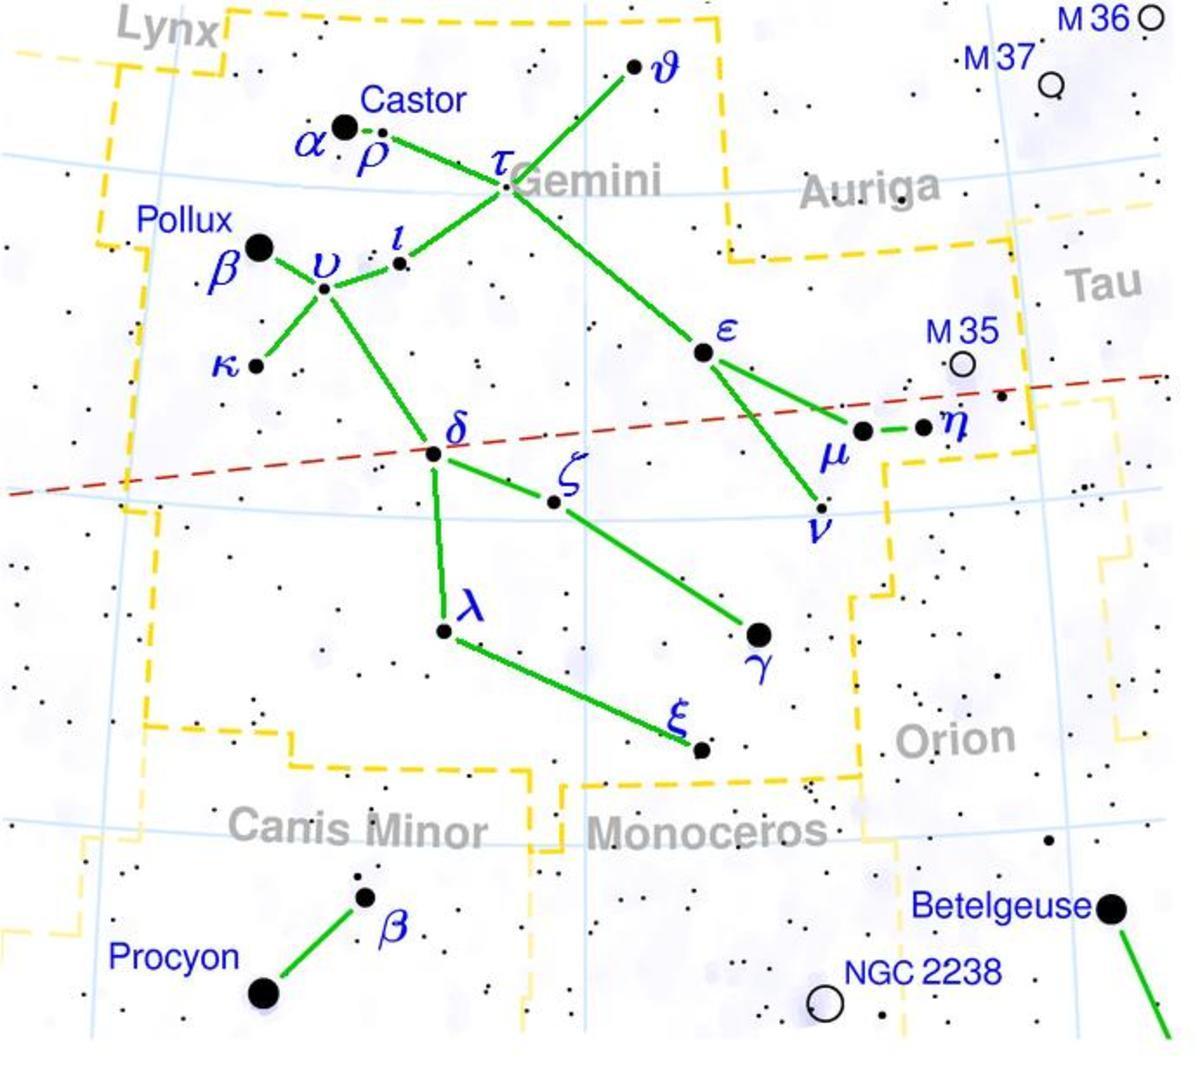 Orion gemini and taurus sexual orientation